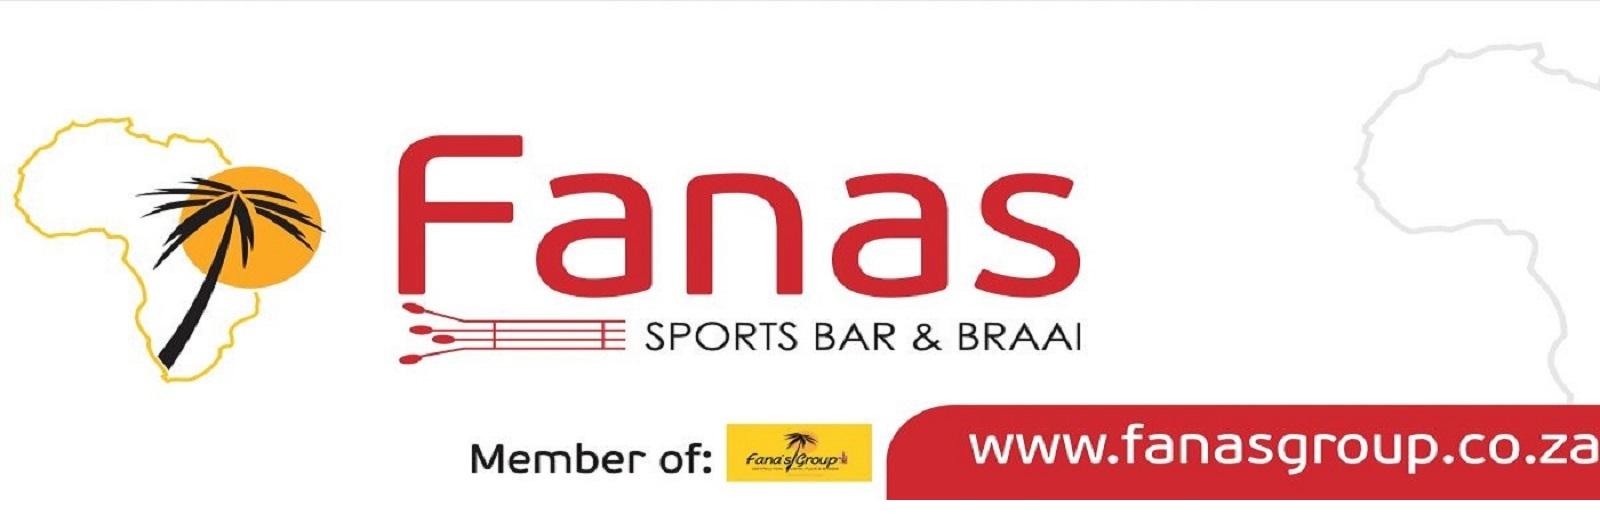 Sports-Bar-Braai-1200x440